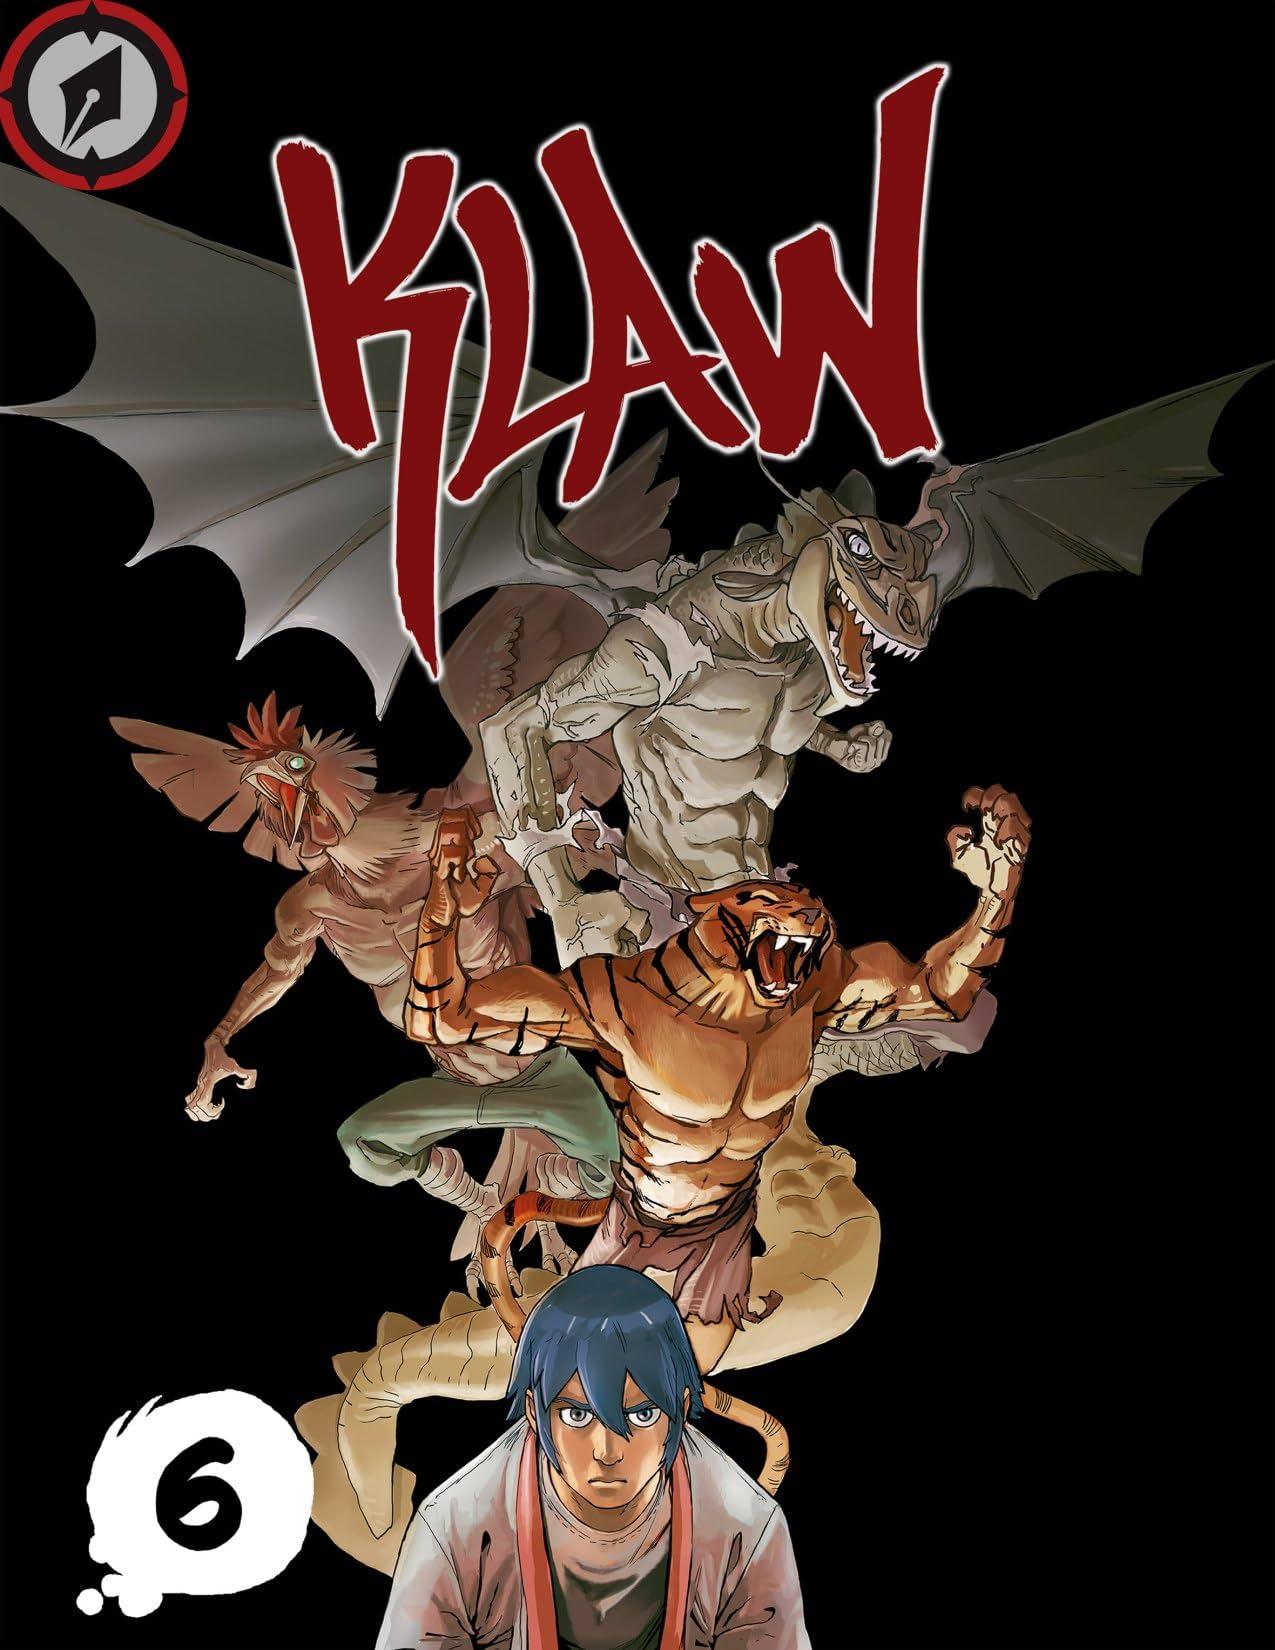 Klaw #6